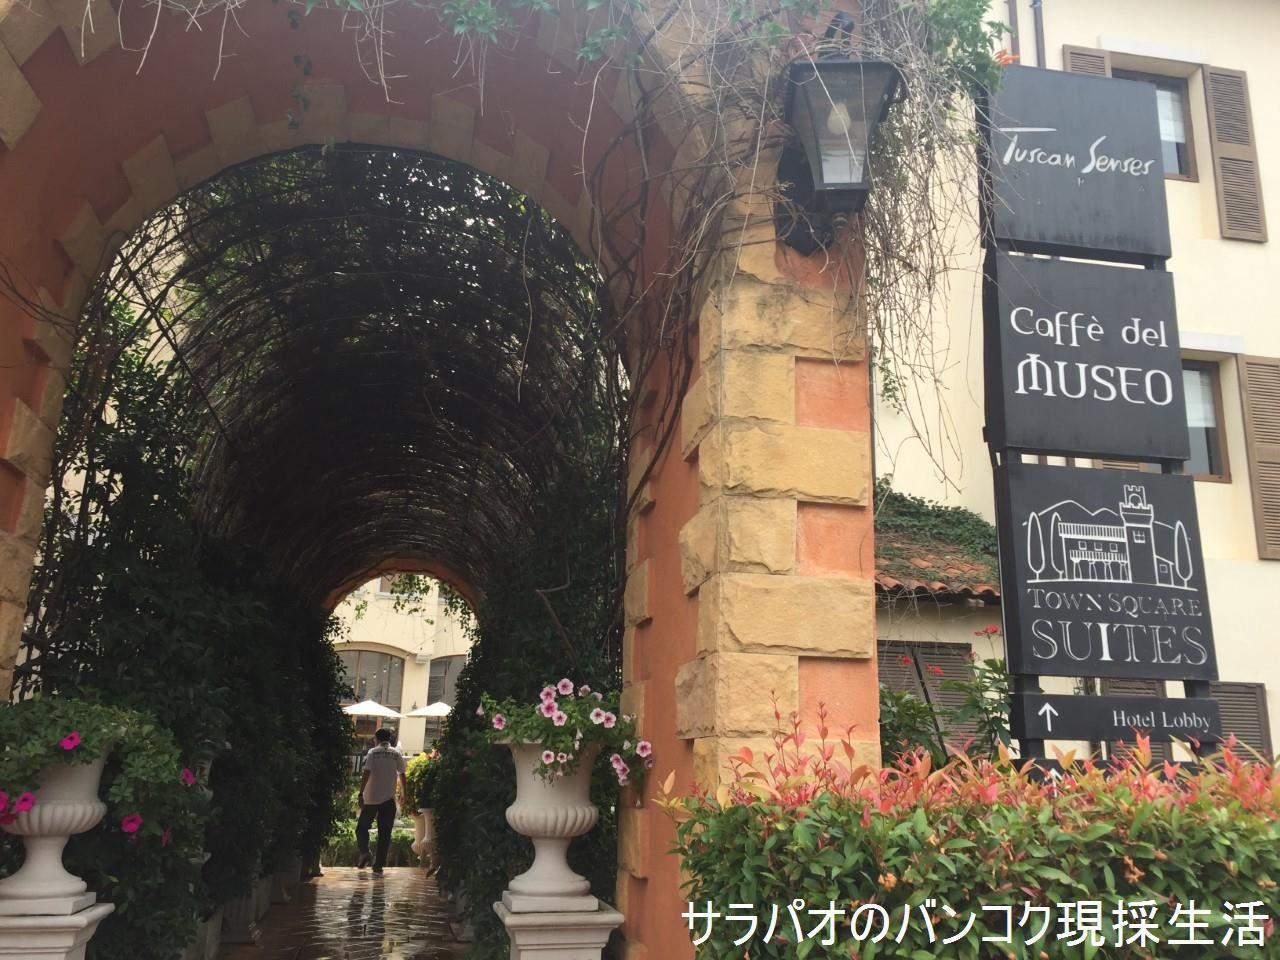 CaffeDelMuseo_01.jpg